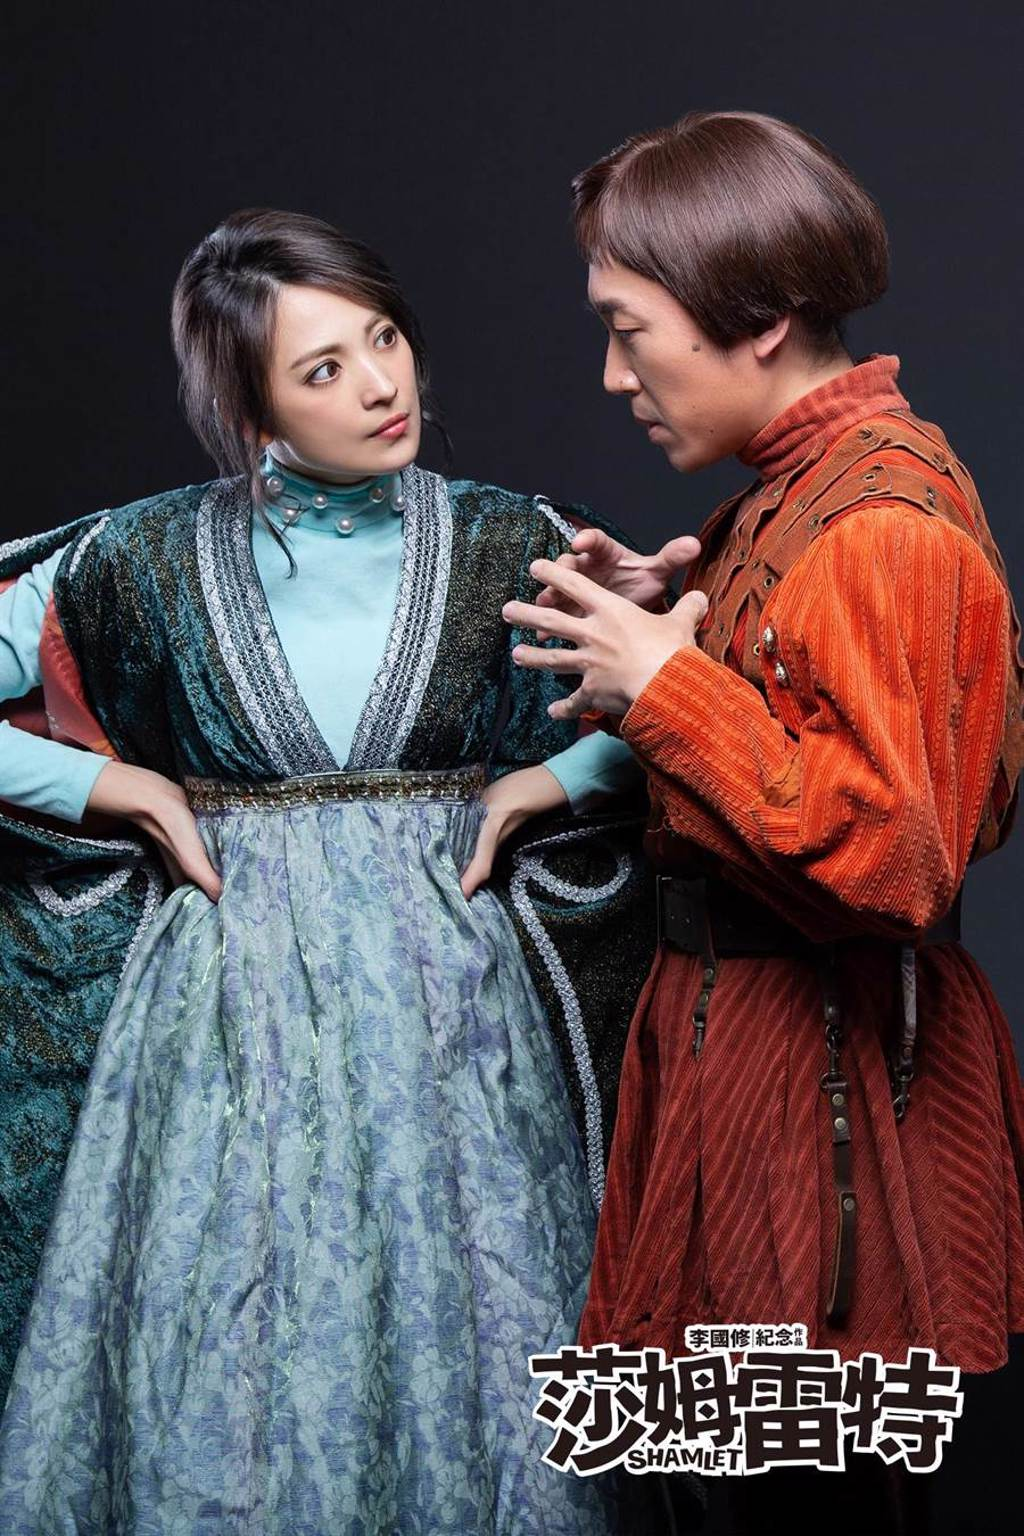 阿喜演出舞台劇《莎姆雷特》。(亮棠文創提供)